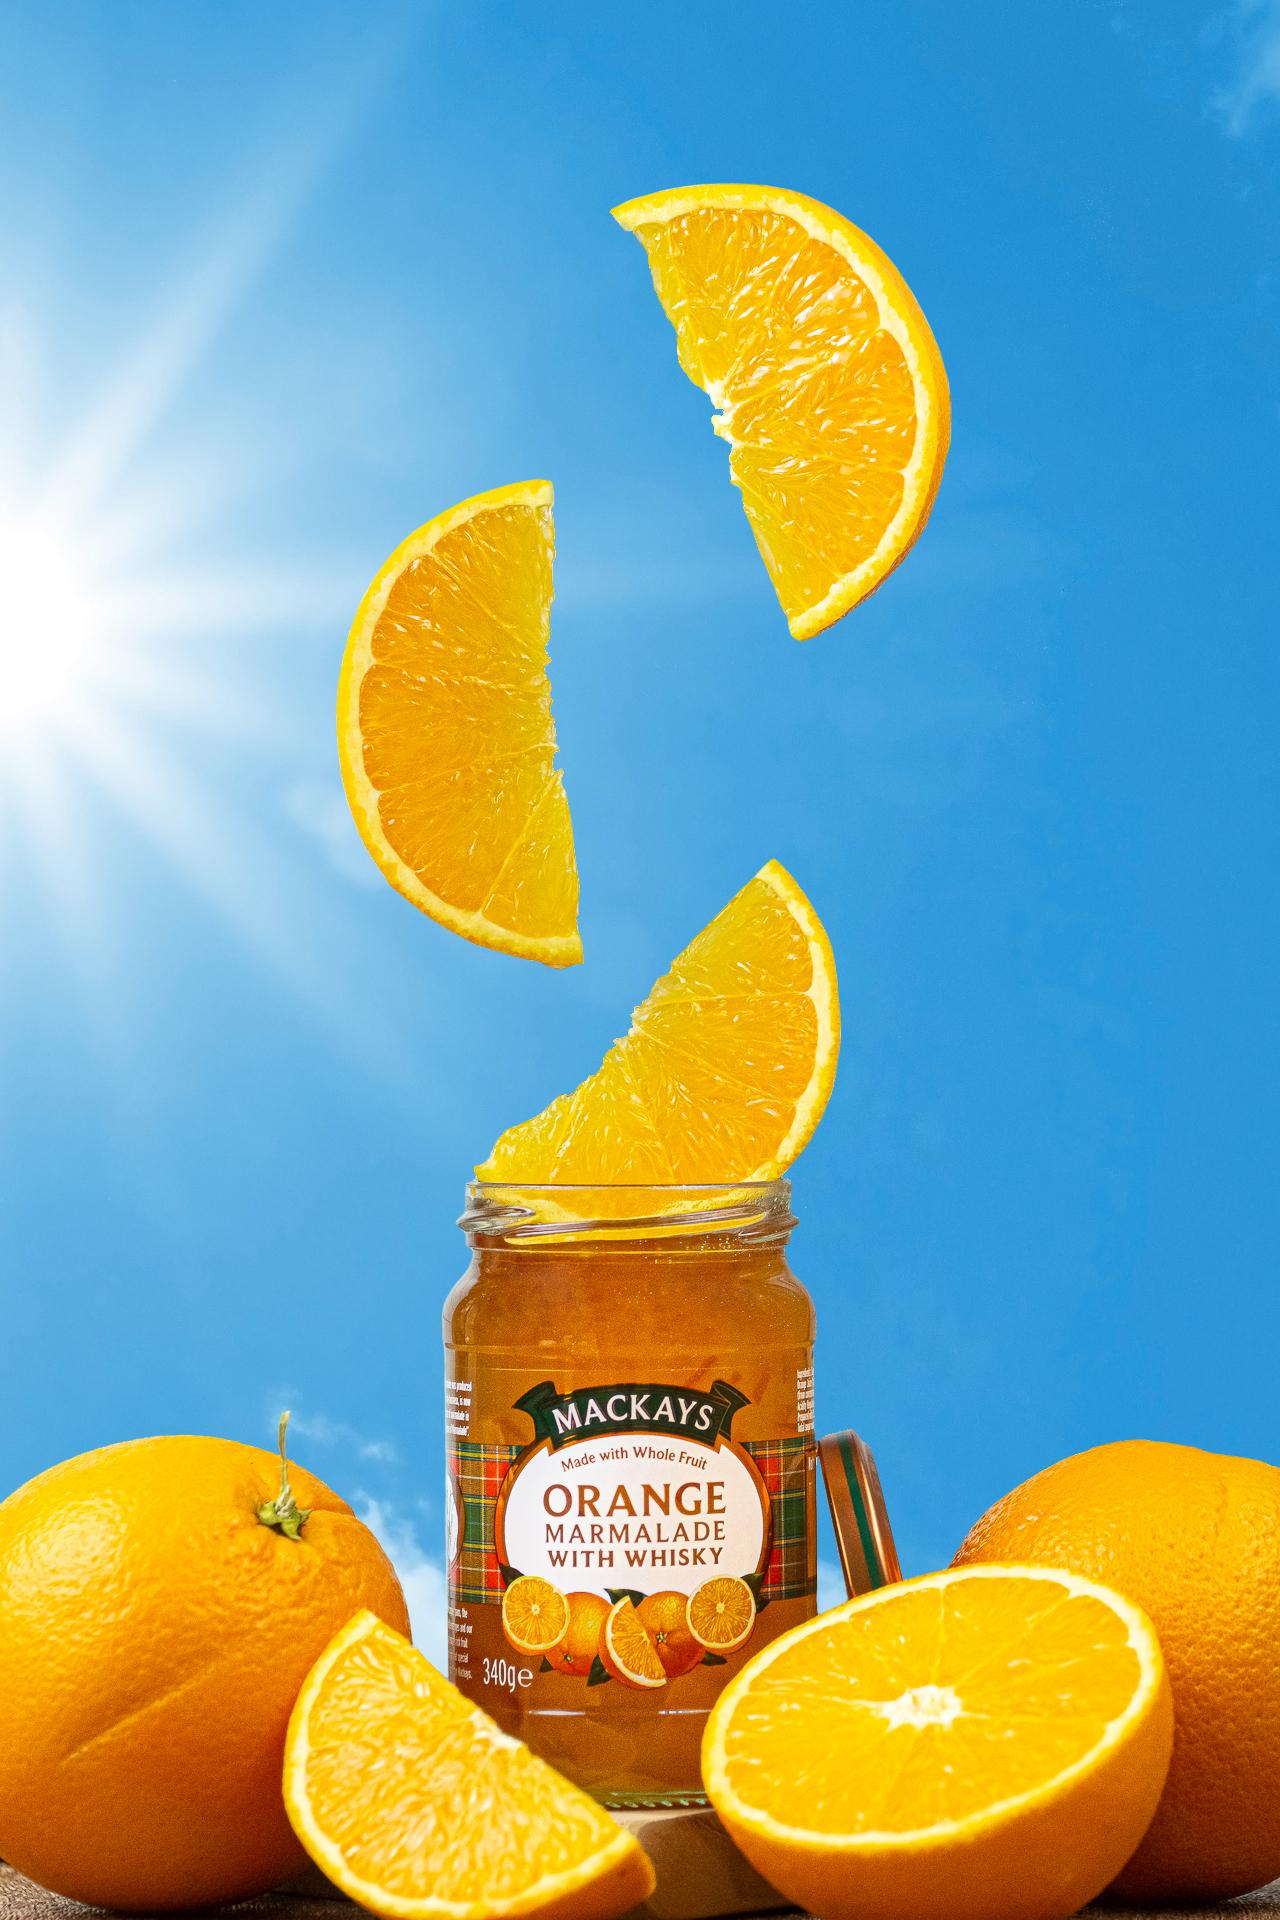 Pomerančová marmeláda s Whisky | Food photography Martin Král